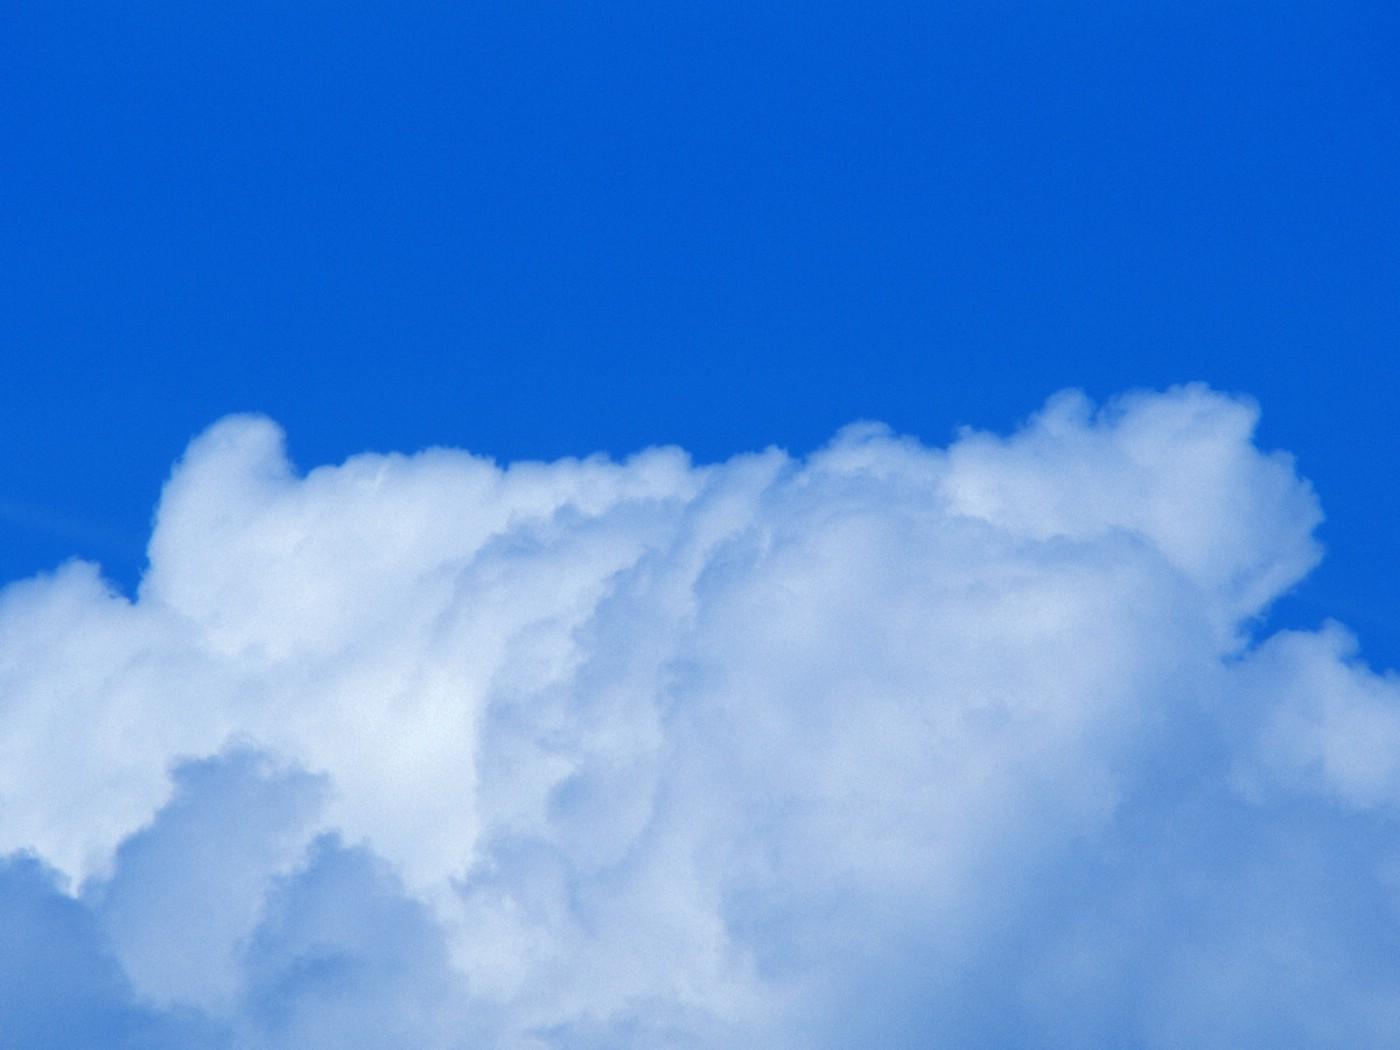 壁纸1400×1050棉花般的白云 蓝天白云图片壁纸 蔚蓝天空蓝天白云壁纸壁纸图片风景壁纸风景图片素材桌面壁纸